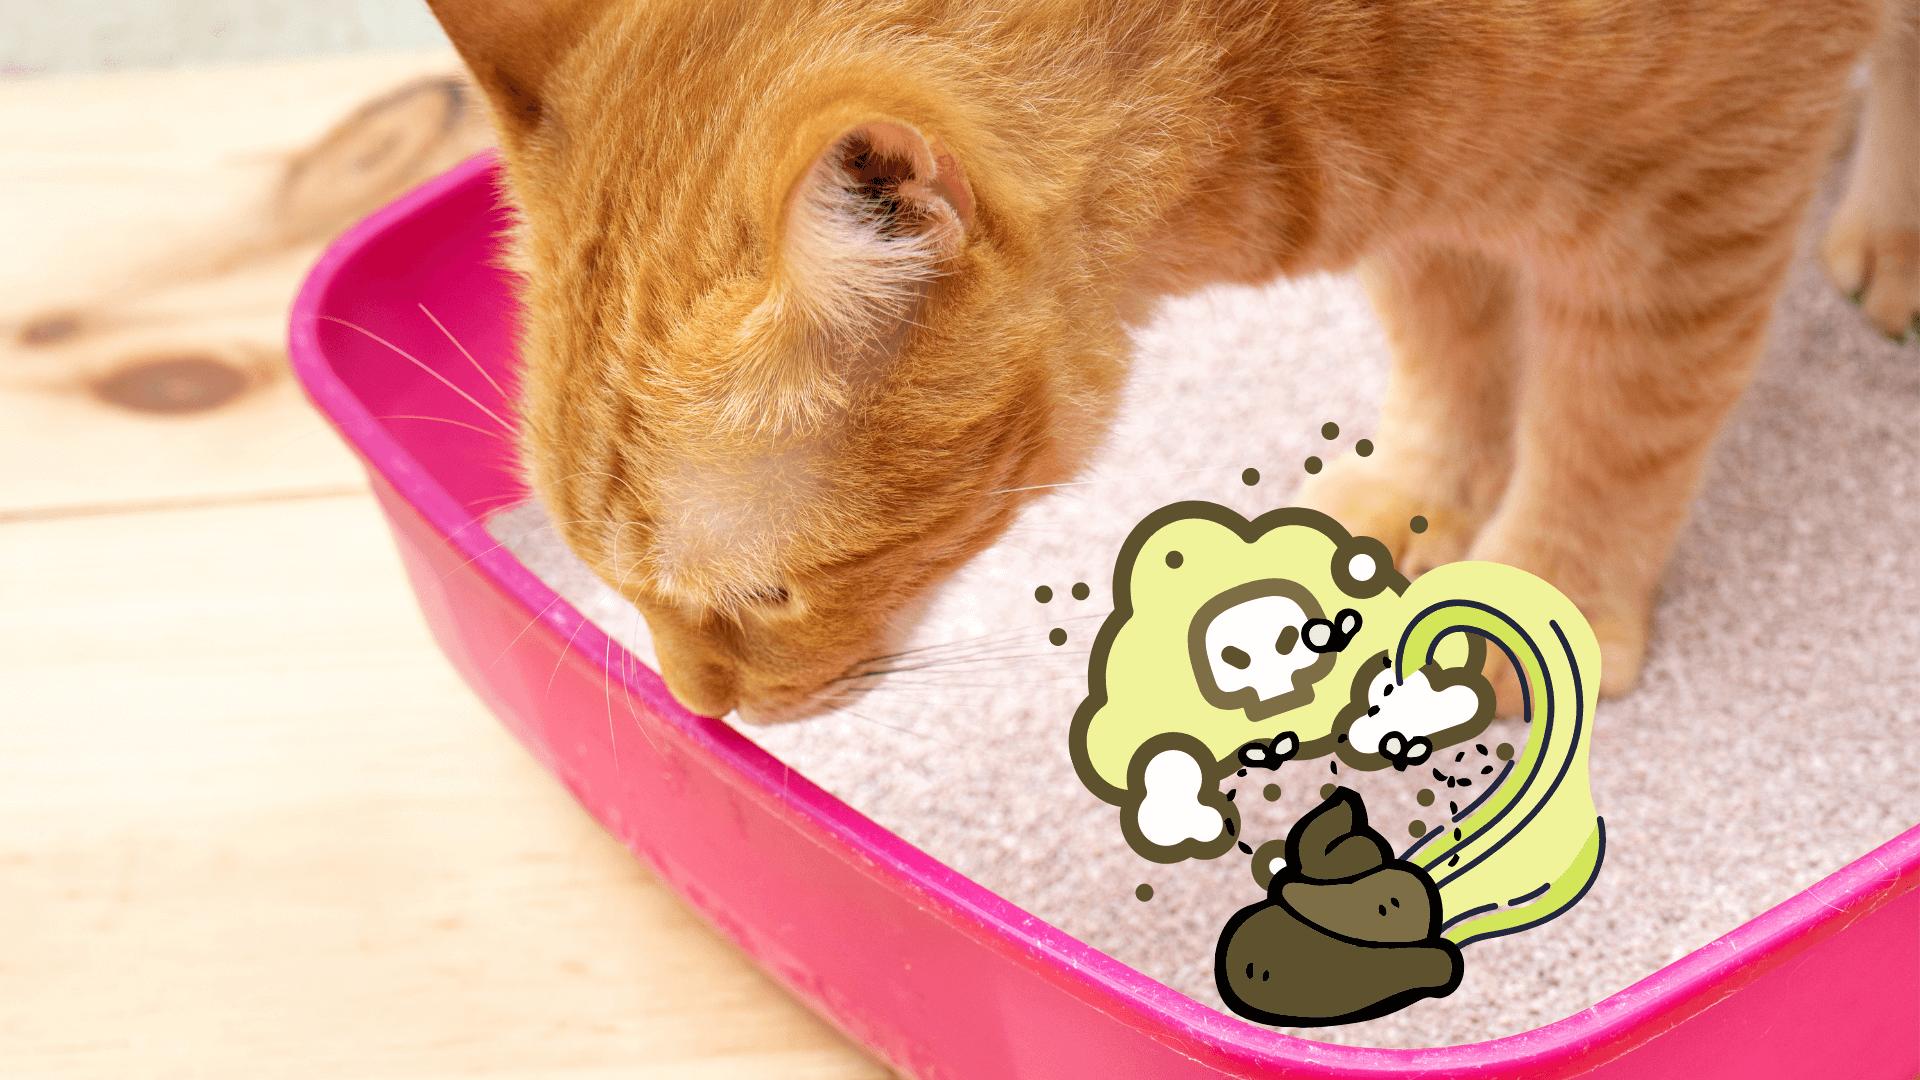 Katzenklo stinkt, 4 Tipps gegen den Geruch